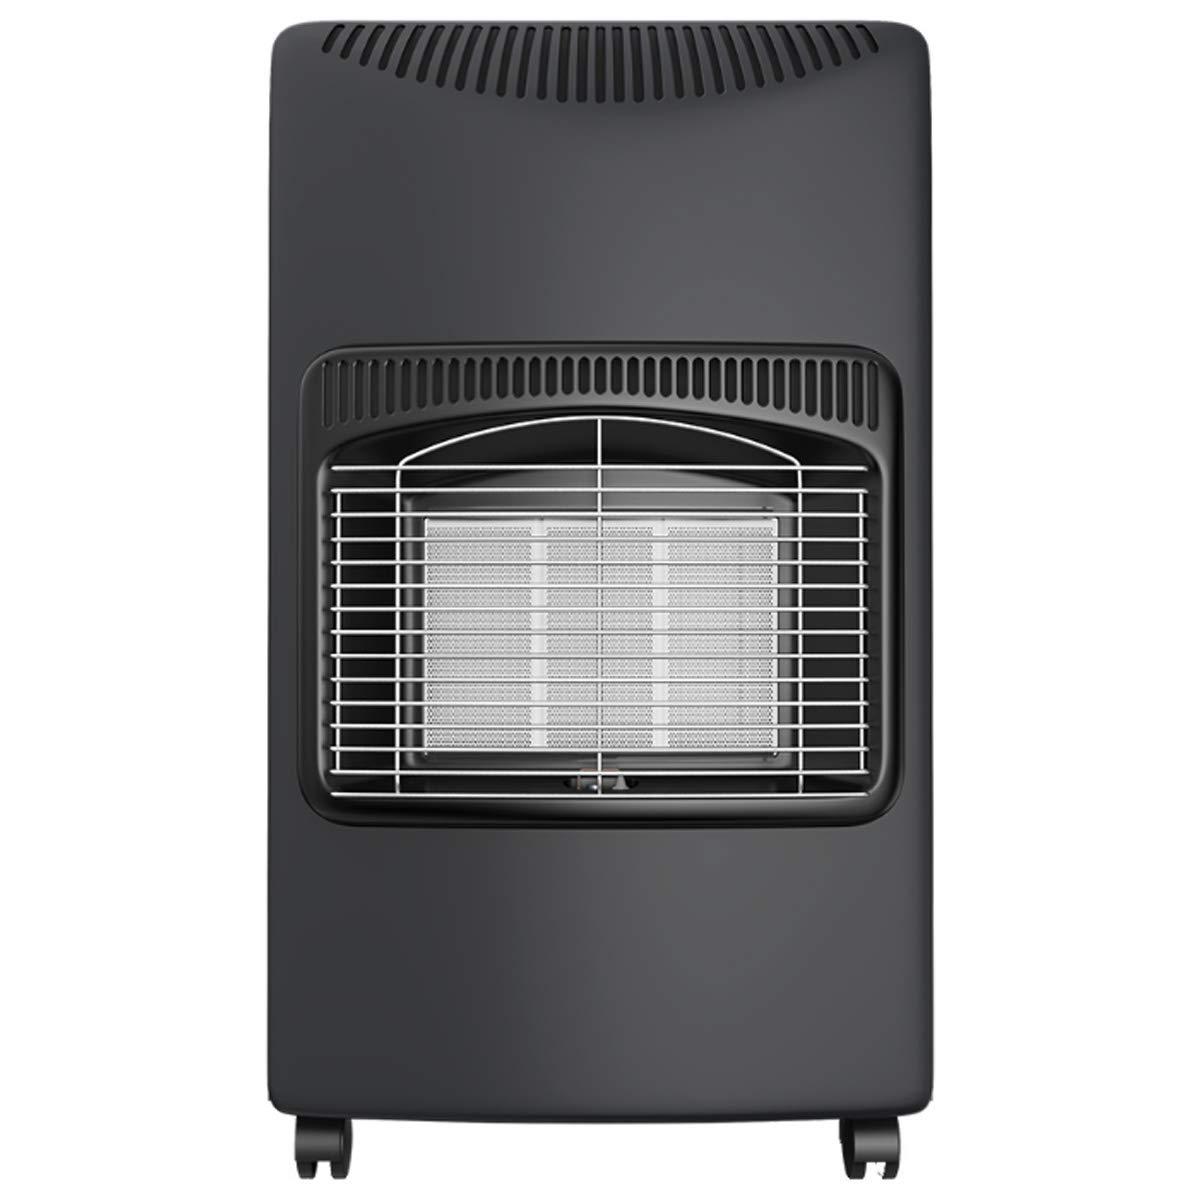 Estufa de gas Niklas Nova infrarroja 4200 W encendido Piezo para 120 m3 Volume: Amazon.es: Hogar